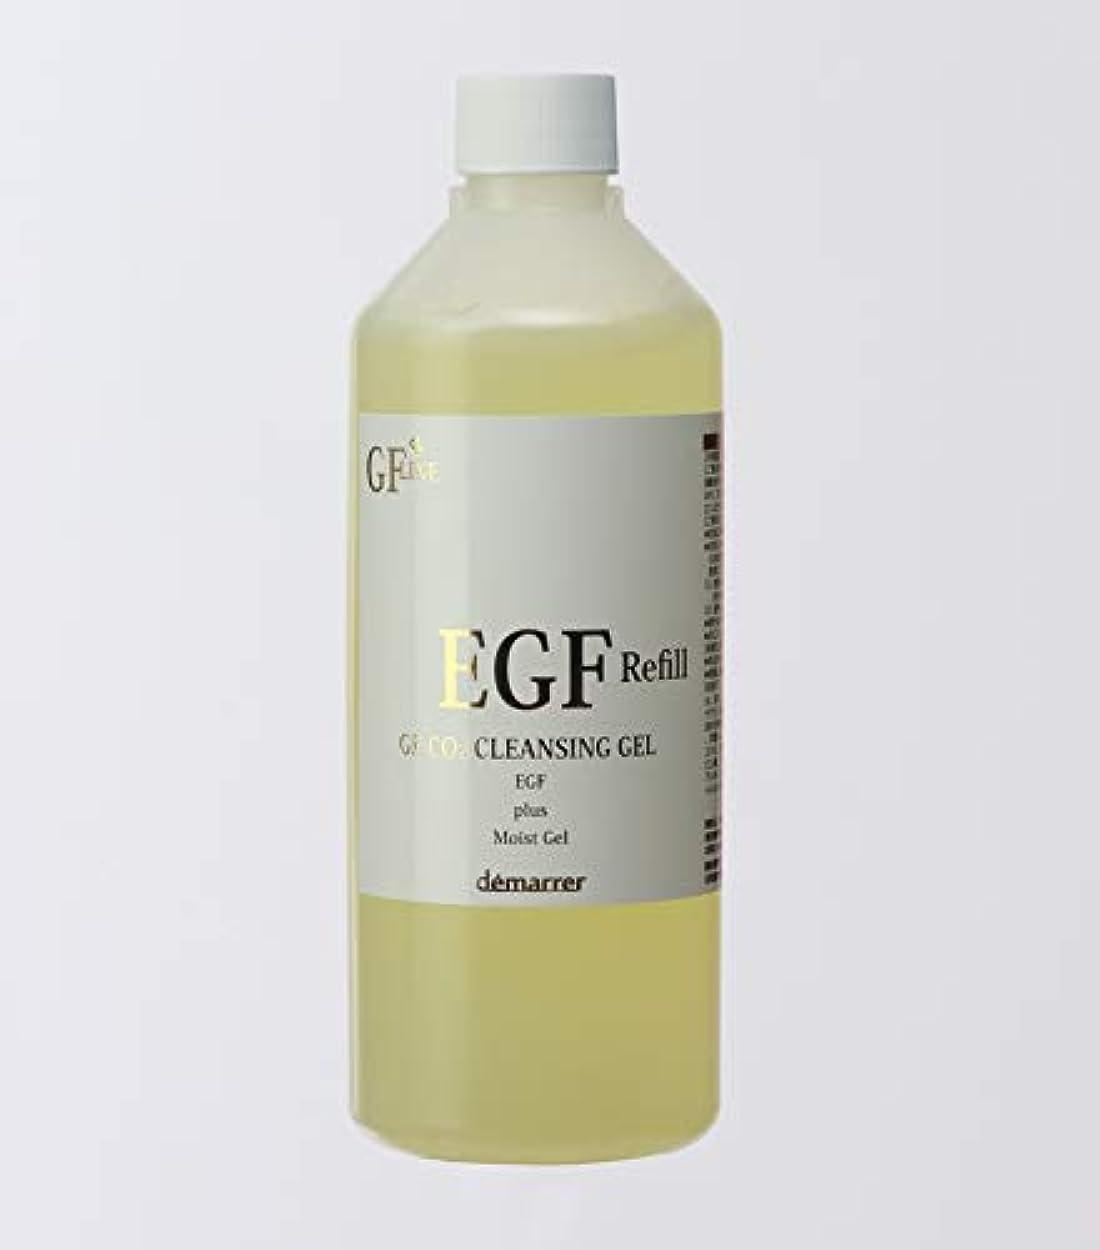 流用するメンバー環境デマレ GF 炭酸洗顔クレンジング 400g レフィル